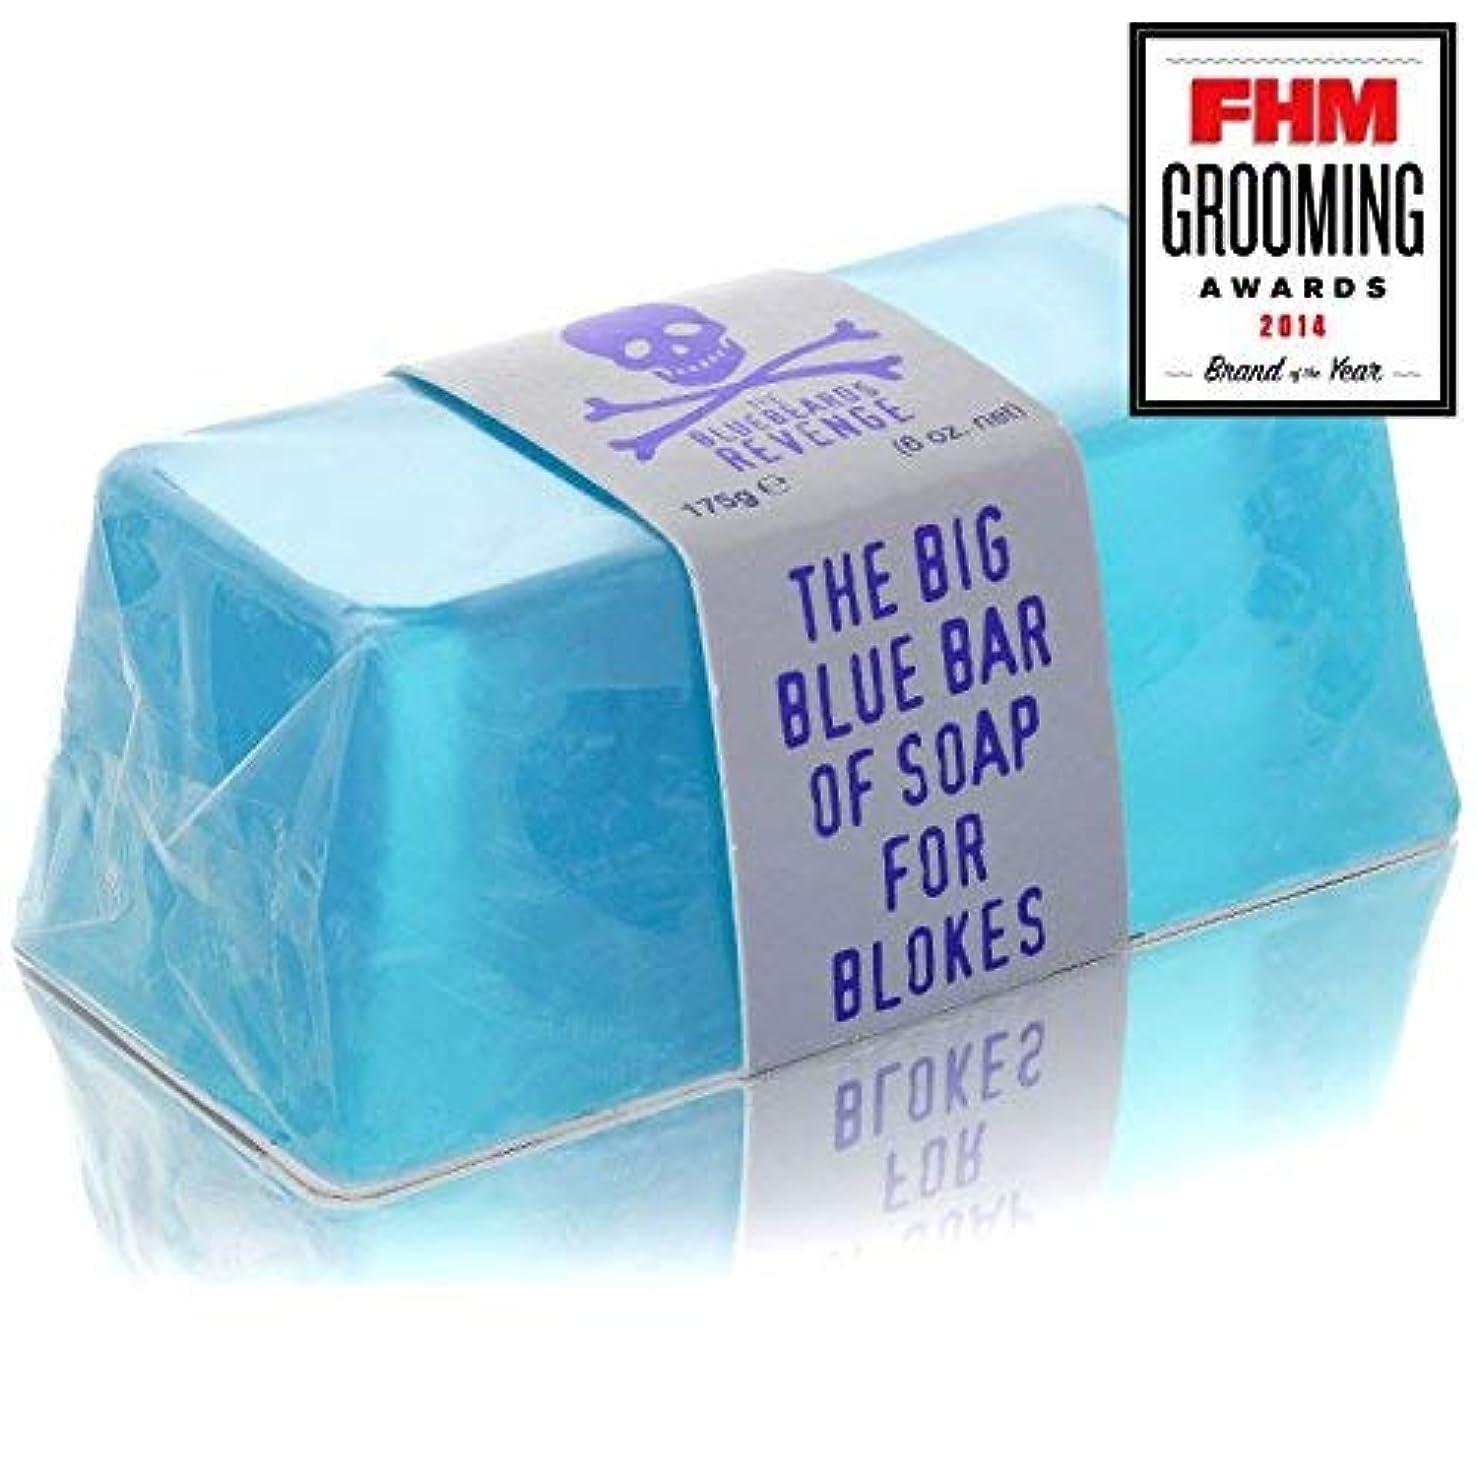 びっくりする優雅ケージThe Bluebeards Revenge Big Blue Bar of Soap for Blokes Glycerin Soap by The Bluebeards Revenge [並行輸入品]